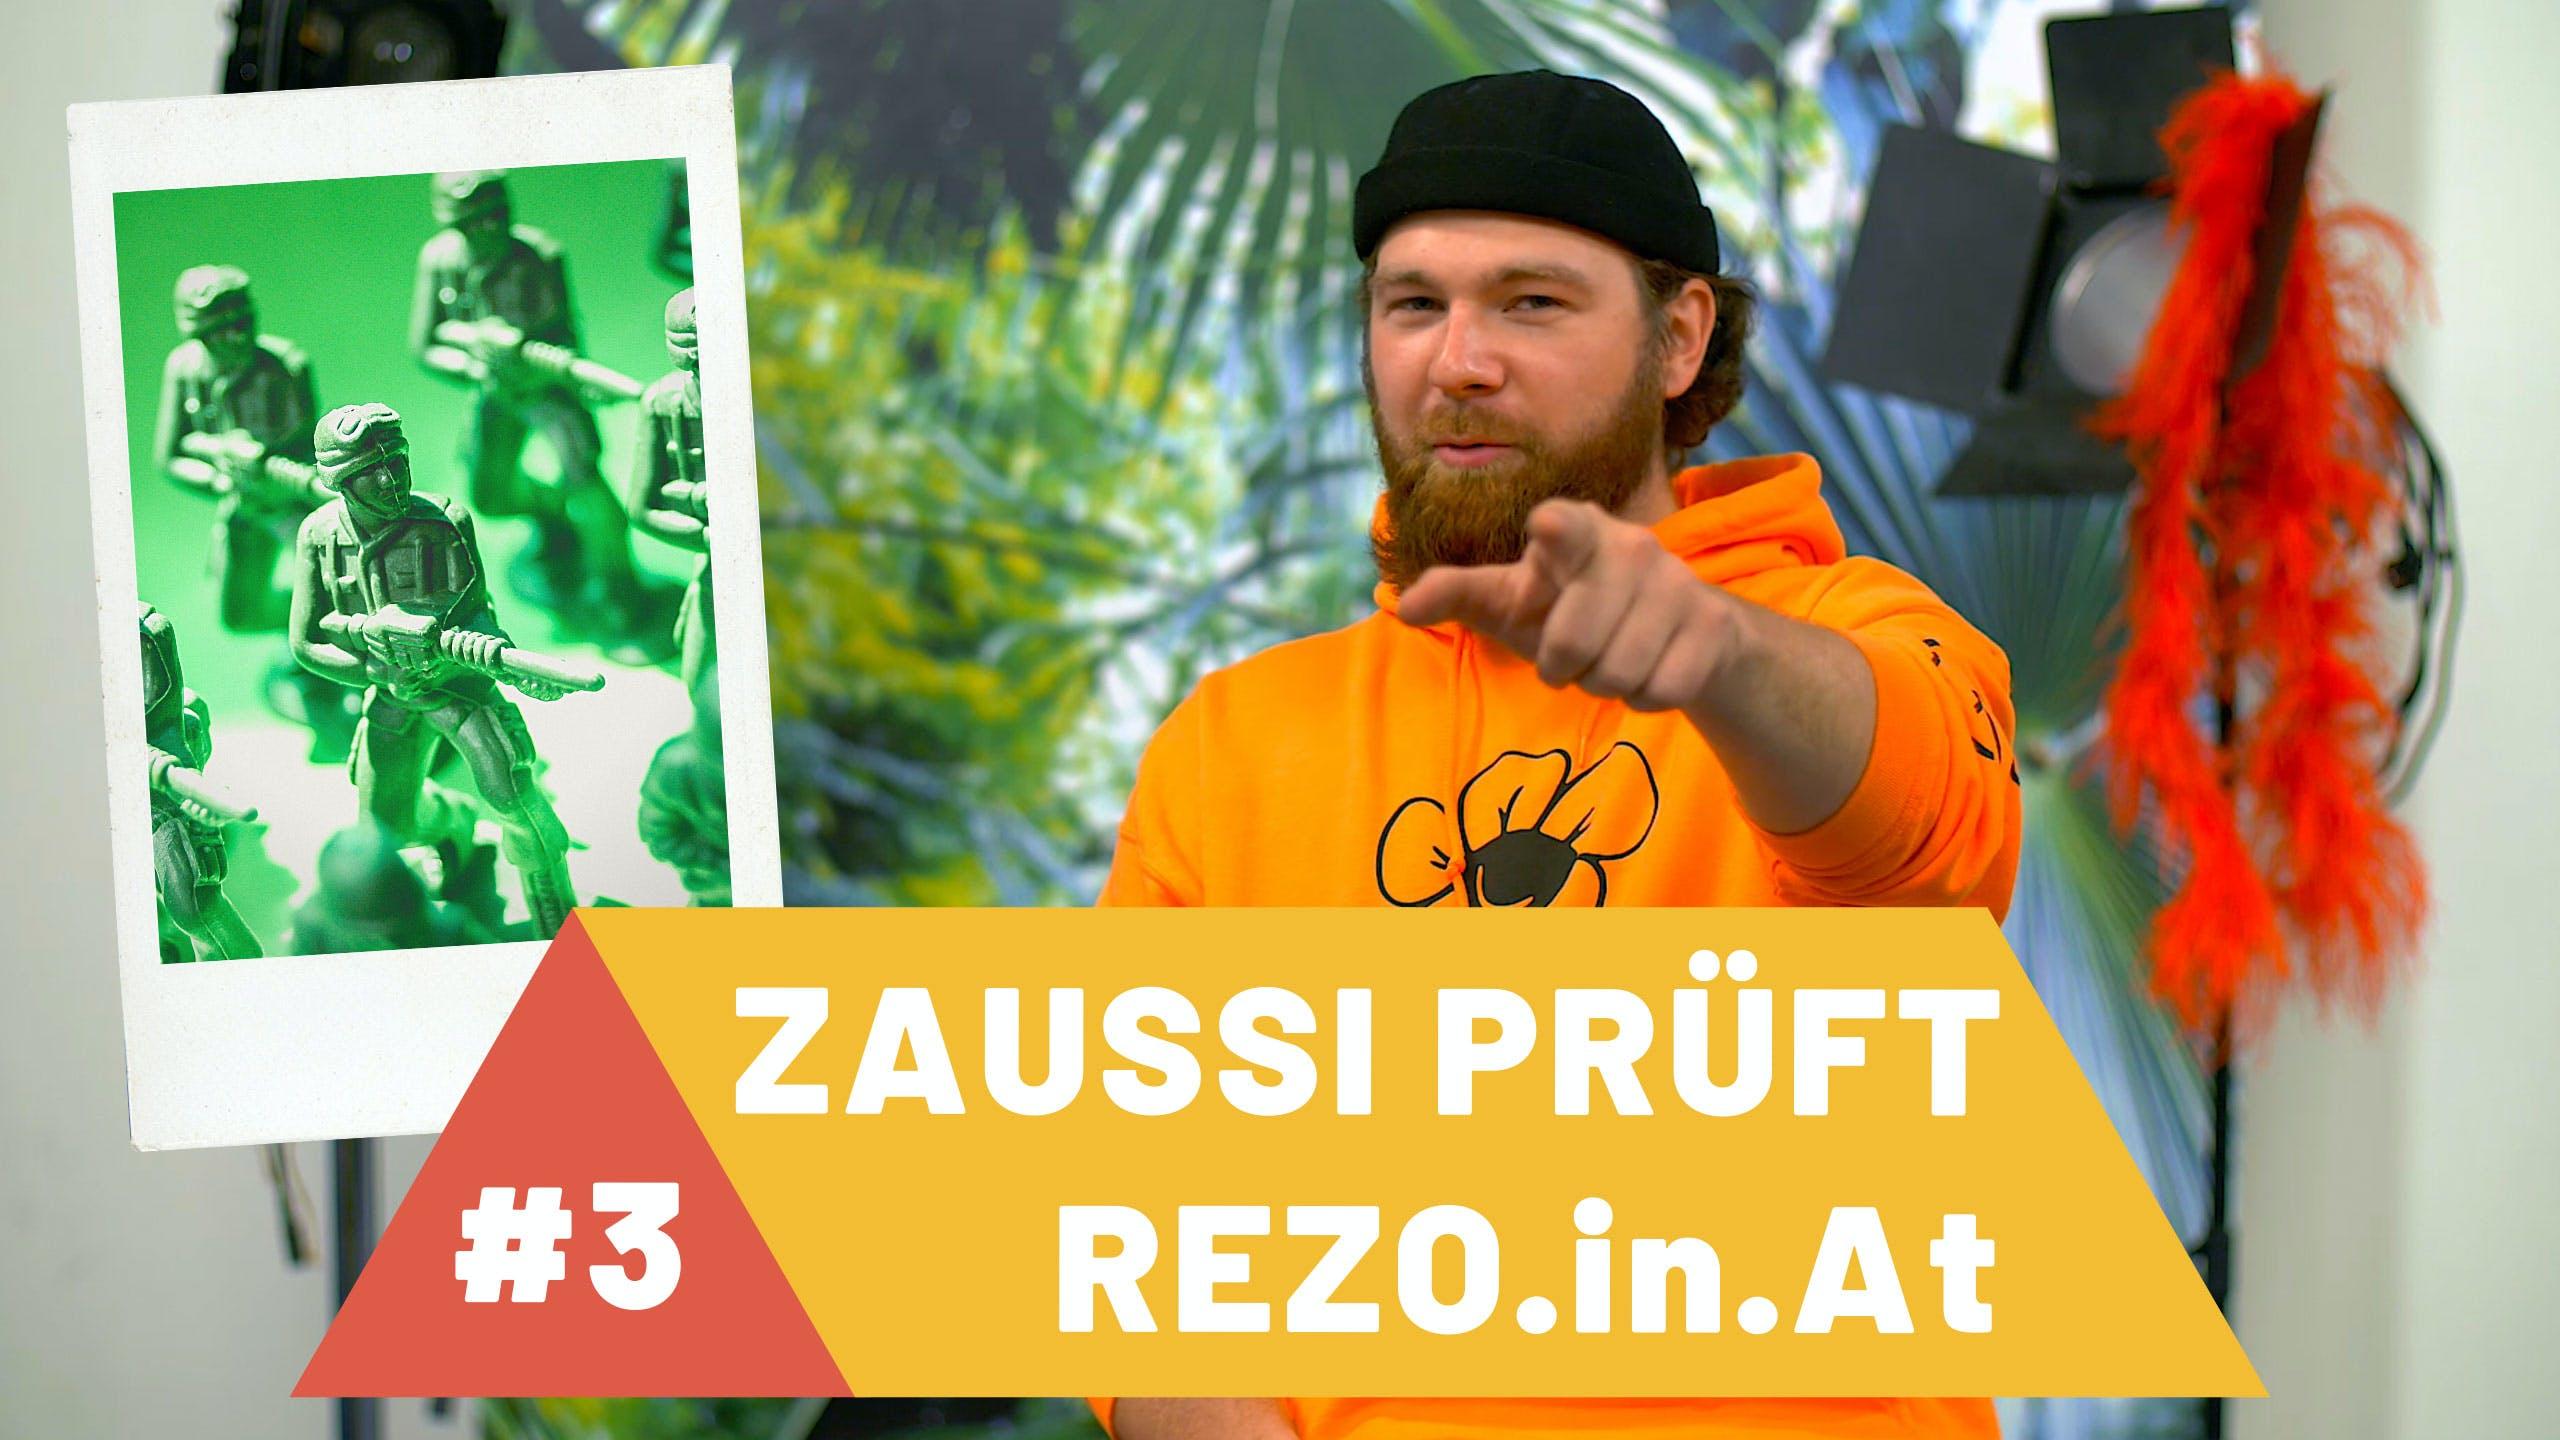 Zaussi prüft Rezo: Krieg